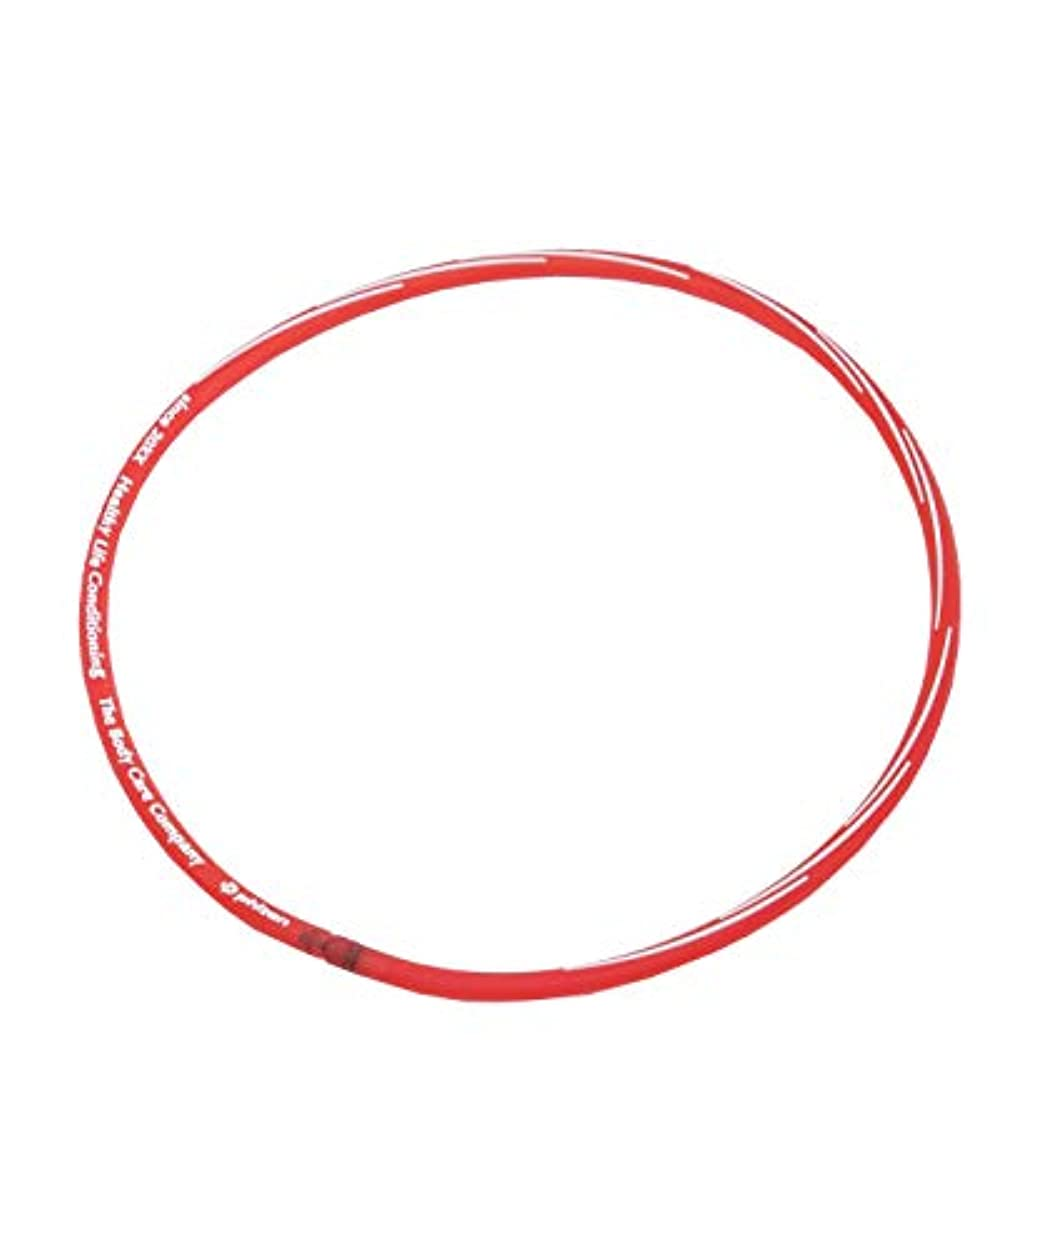 モーション正確に綺麗なファイテン 磁気ネックレス RAKUWAネックS スラッシュラインタイプ TG764152 クリアレッド 45